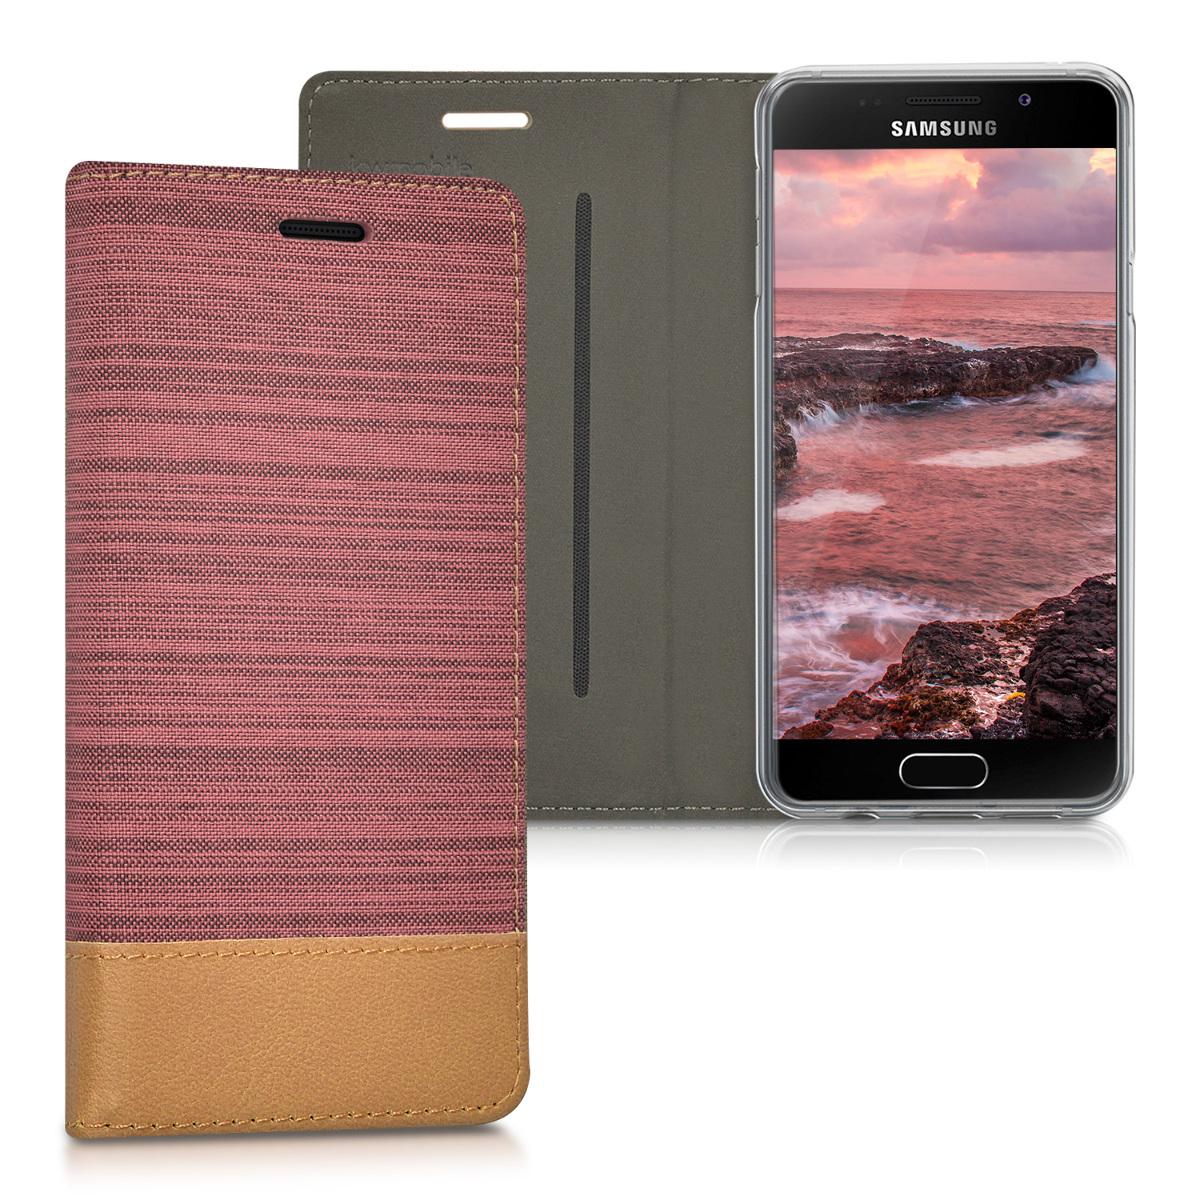 Fabricpouzdro pro Samsung A3 (2016) - Dusty růžové / Brown